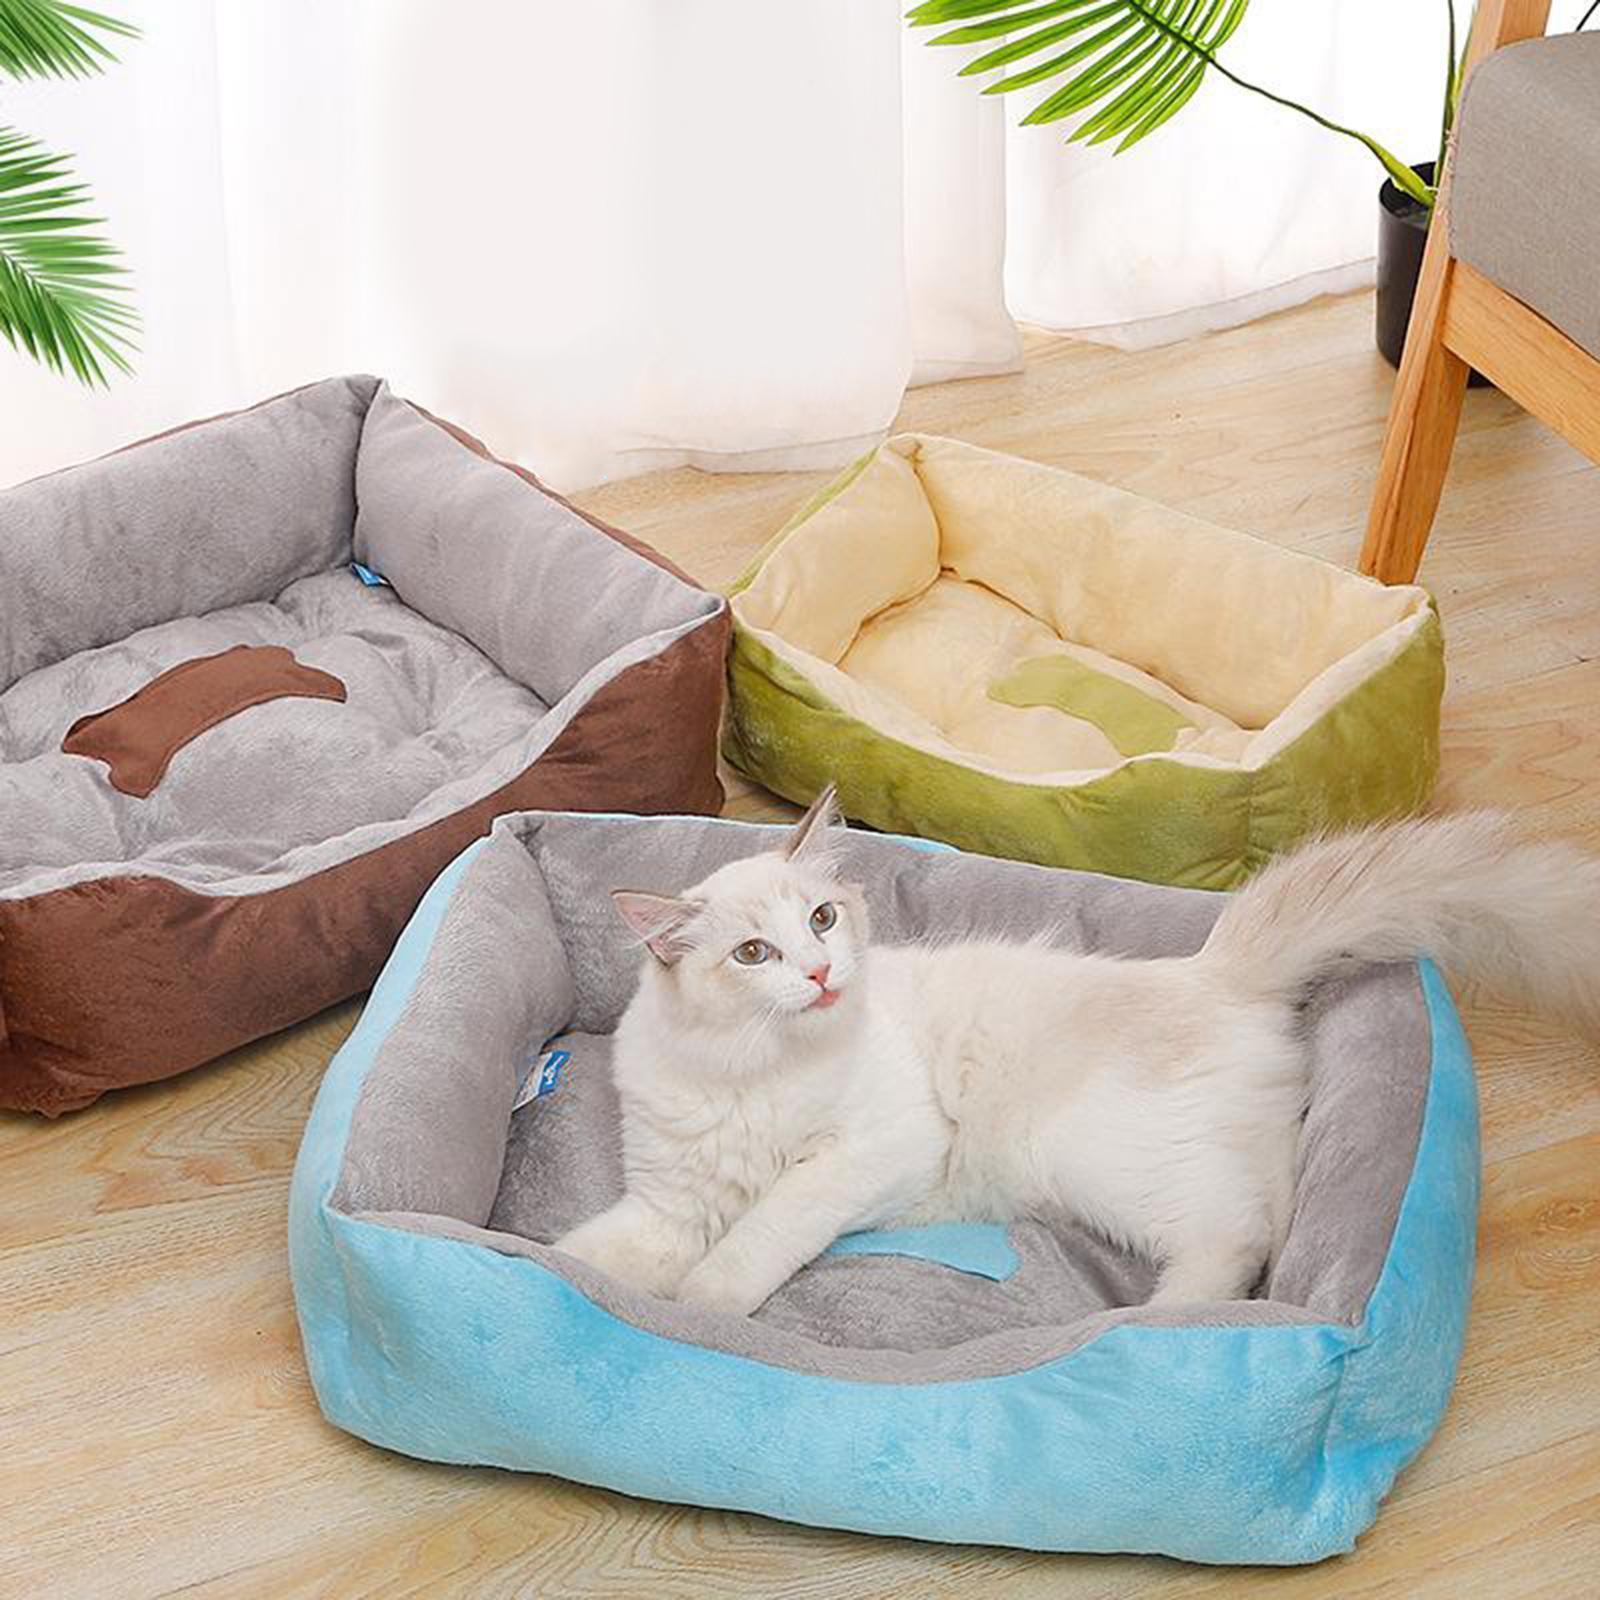 Indexbild 51 - Katze-Hund-Bett-Pet-Kissen-Betten-Haus-Schlaf-Soft-Warmen-Zwinger-Decke-Nest